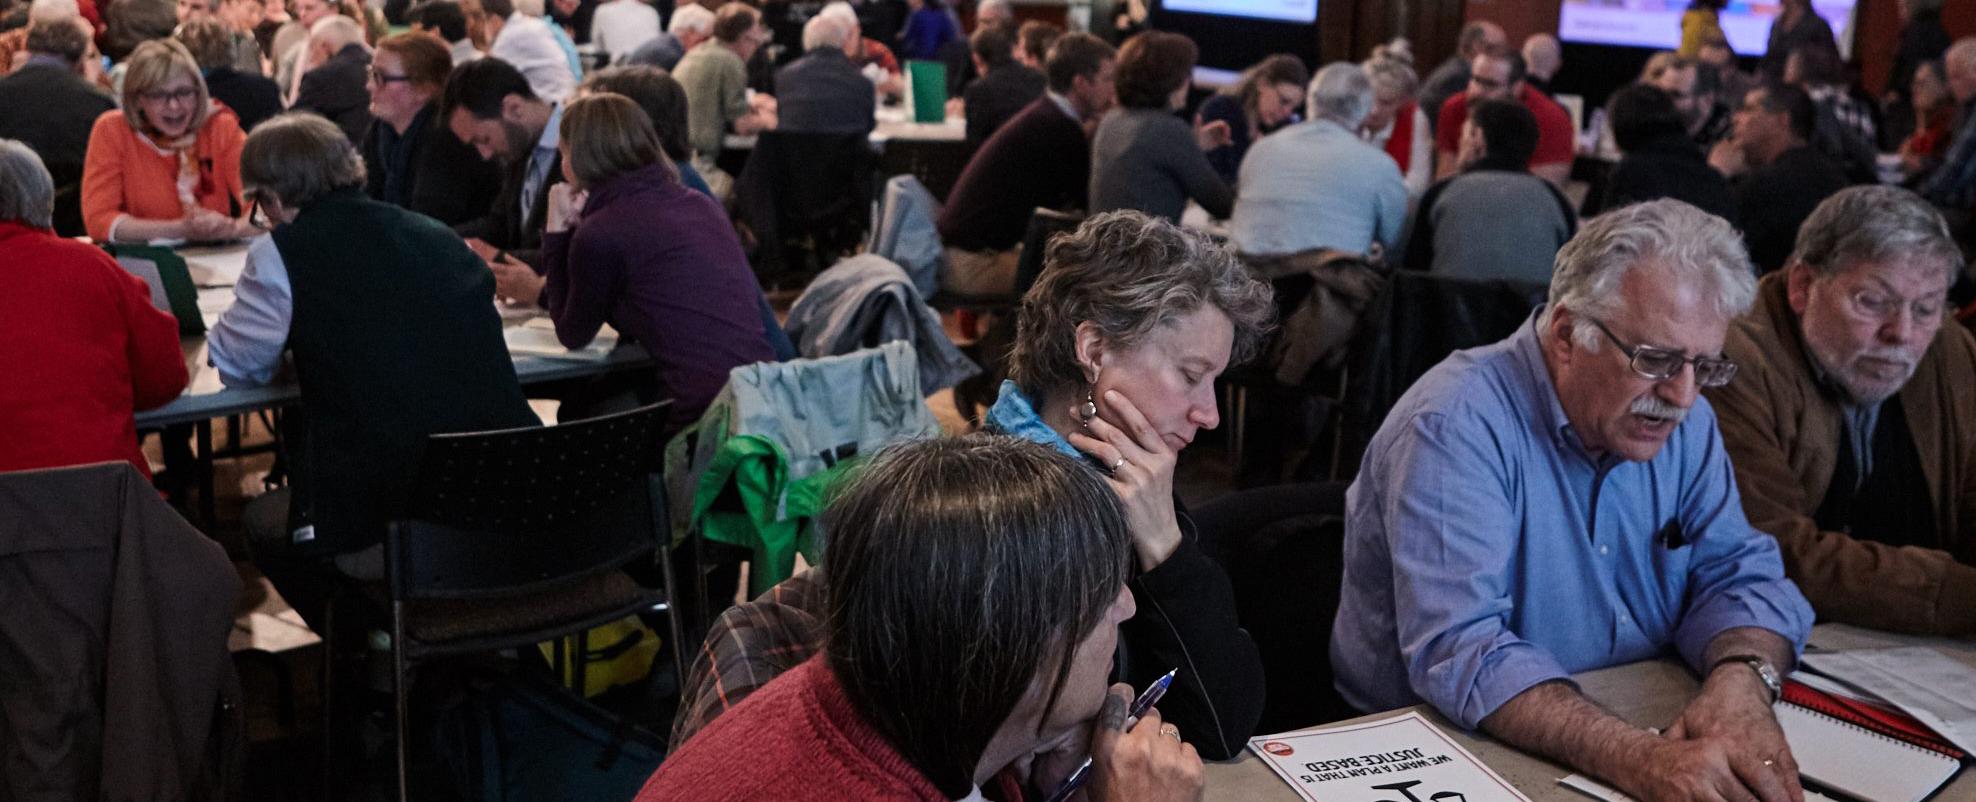 Ottawa_South_Consultation_Banner_Image.jpg